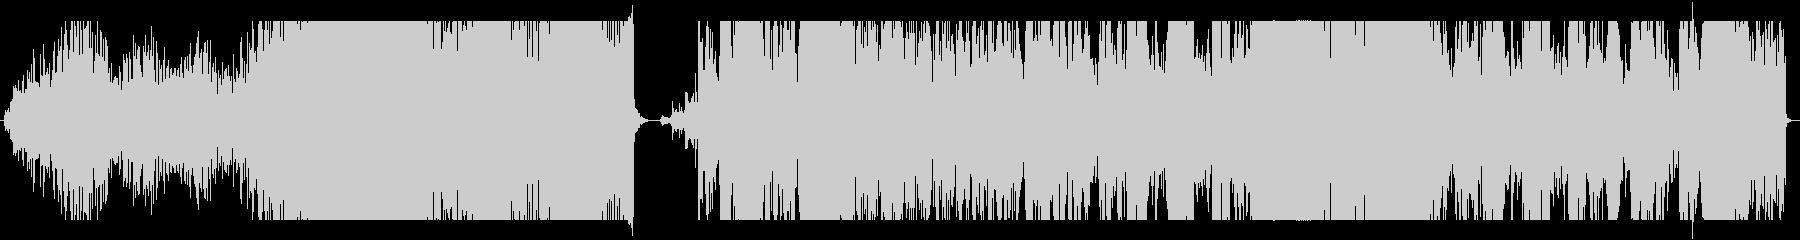 非常に低い金属の橋のRO音、低い重...の未再生の波形